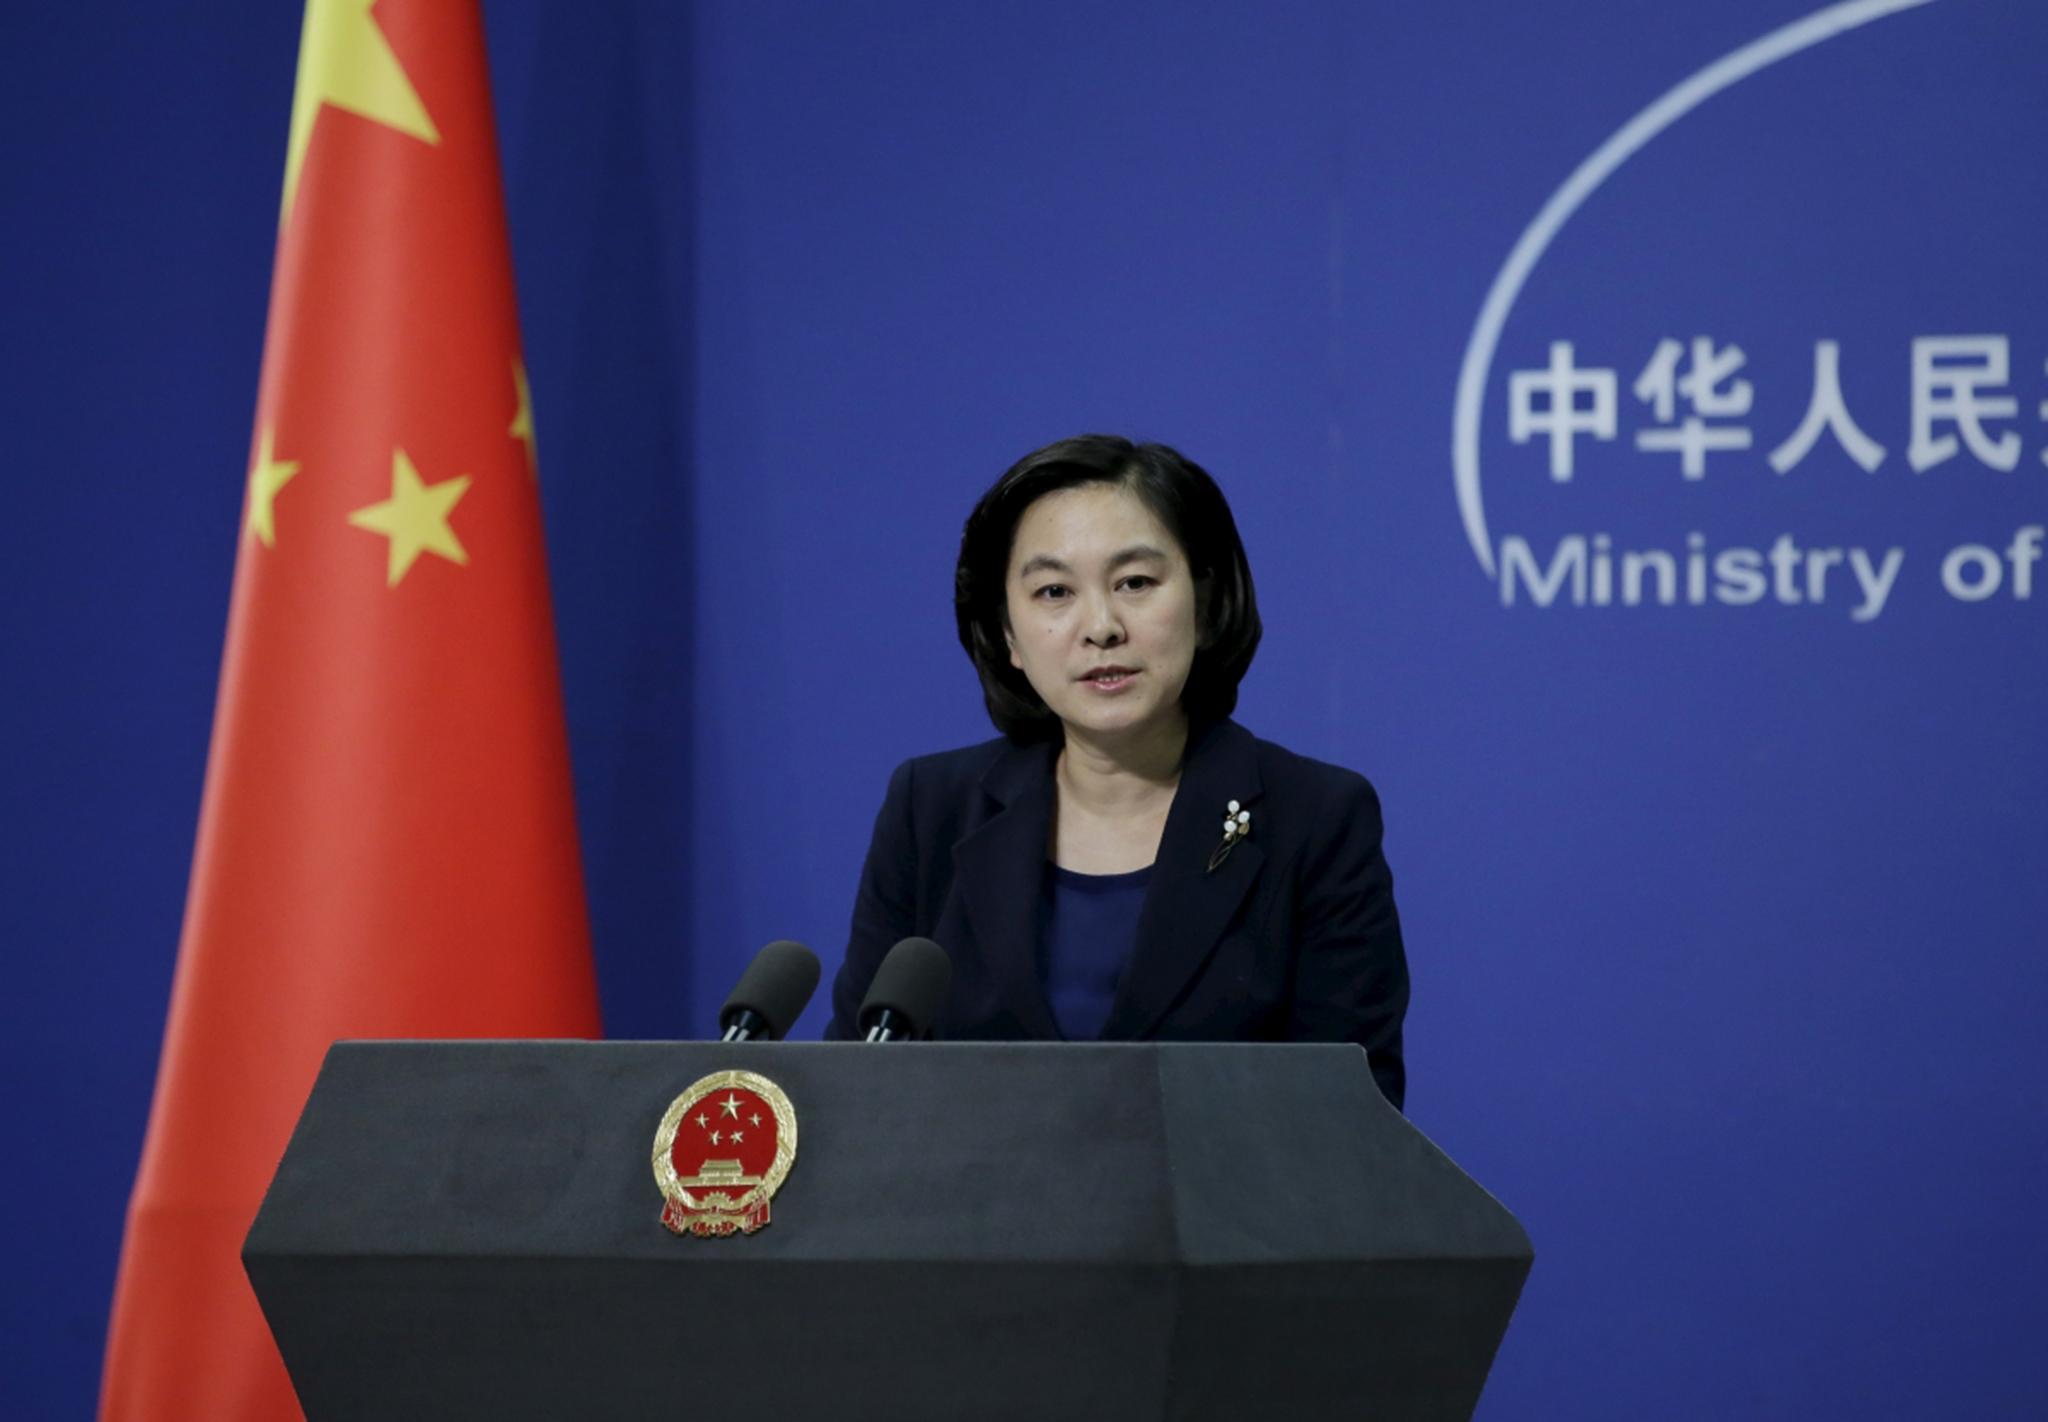 Tribunal chinês condena canadiano à morte num caso de contrabando de drogas